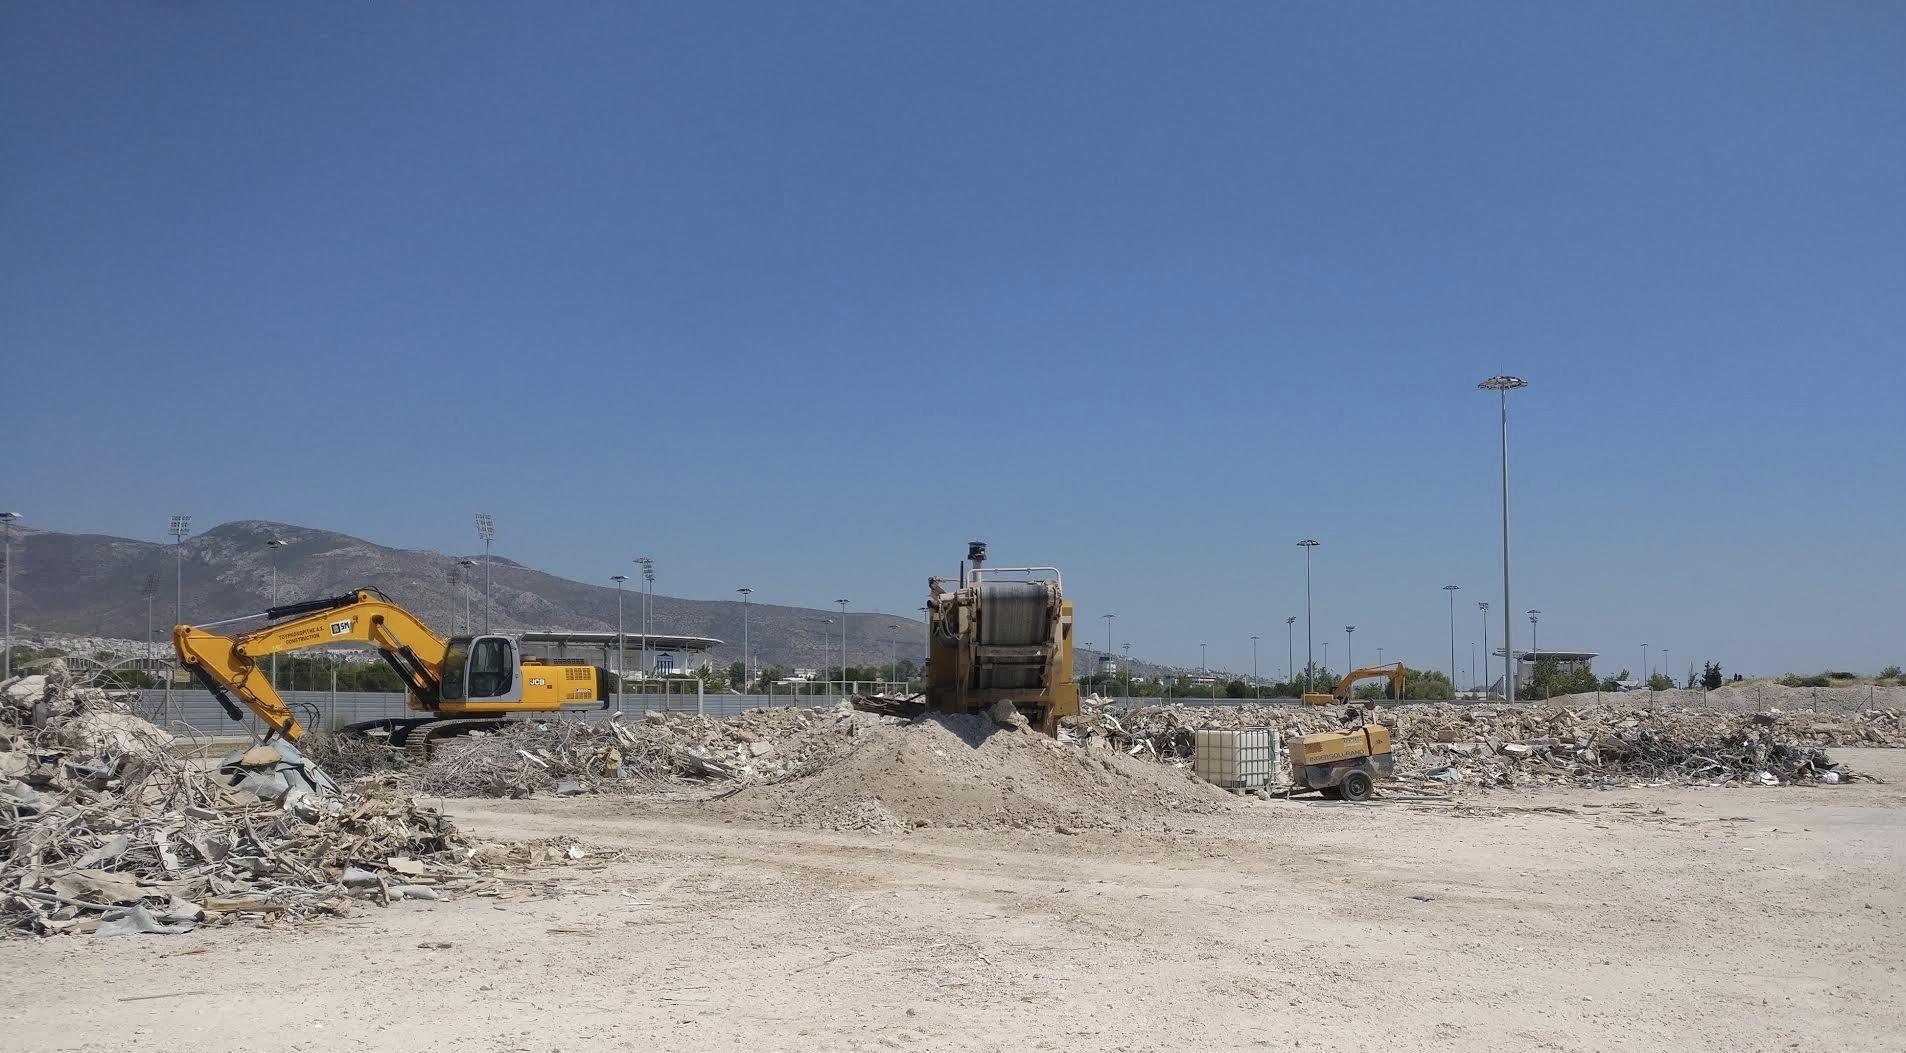 ΕΟΑΝ: Υπόδειγμα μεγάλου «πράσινου έργου» το project του Ελληνικού